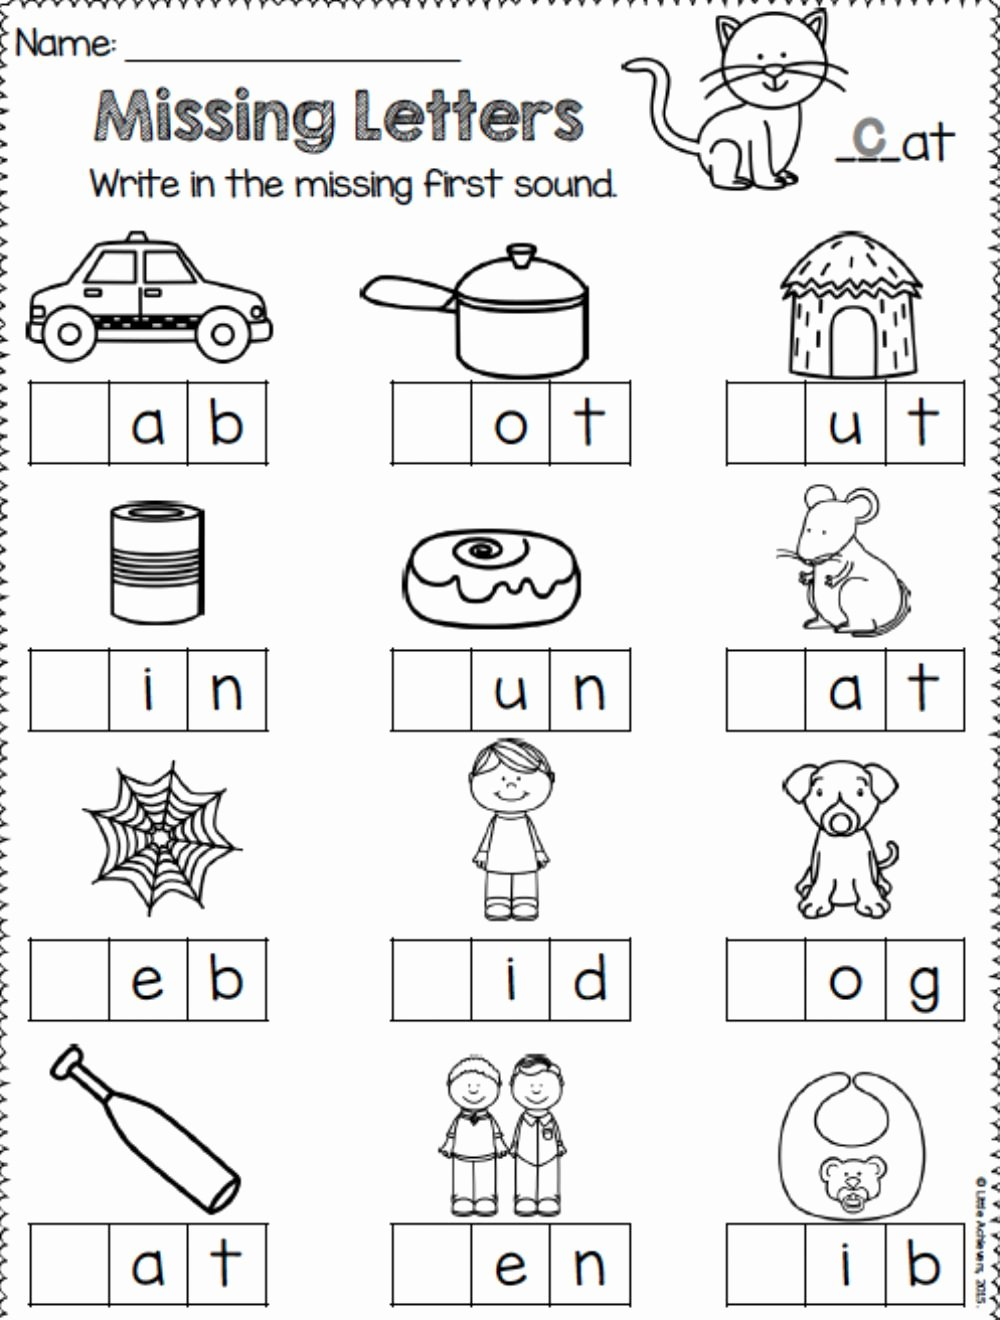 Missing Letters Worksheets for Kindergarten Free Missing Letters Interactive Worksheet